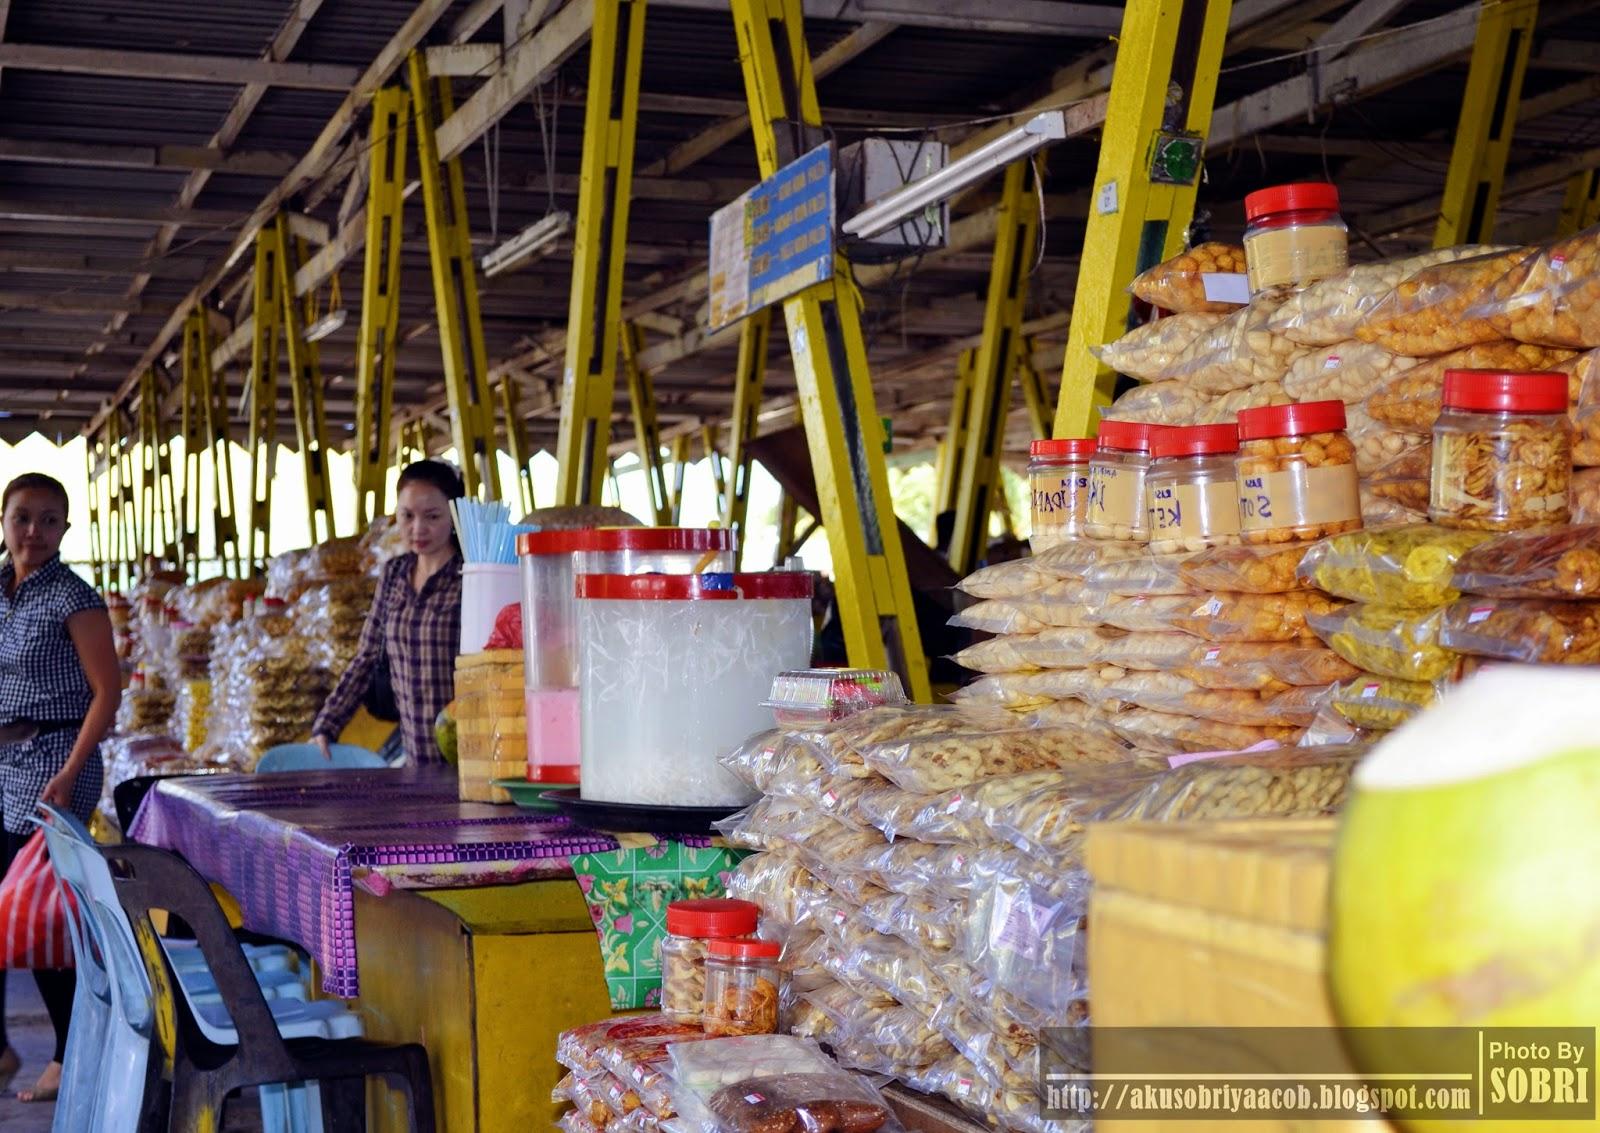 Makanan Ringan Yang Wajib Dibeli Sekirdatang Ke Sabah Bak Kata Akak Penjual Amplang Hada Di Sabah Dik Beli La Satu Buat Ole Ole Family Di